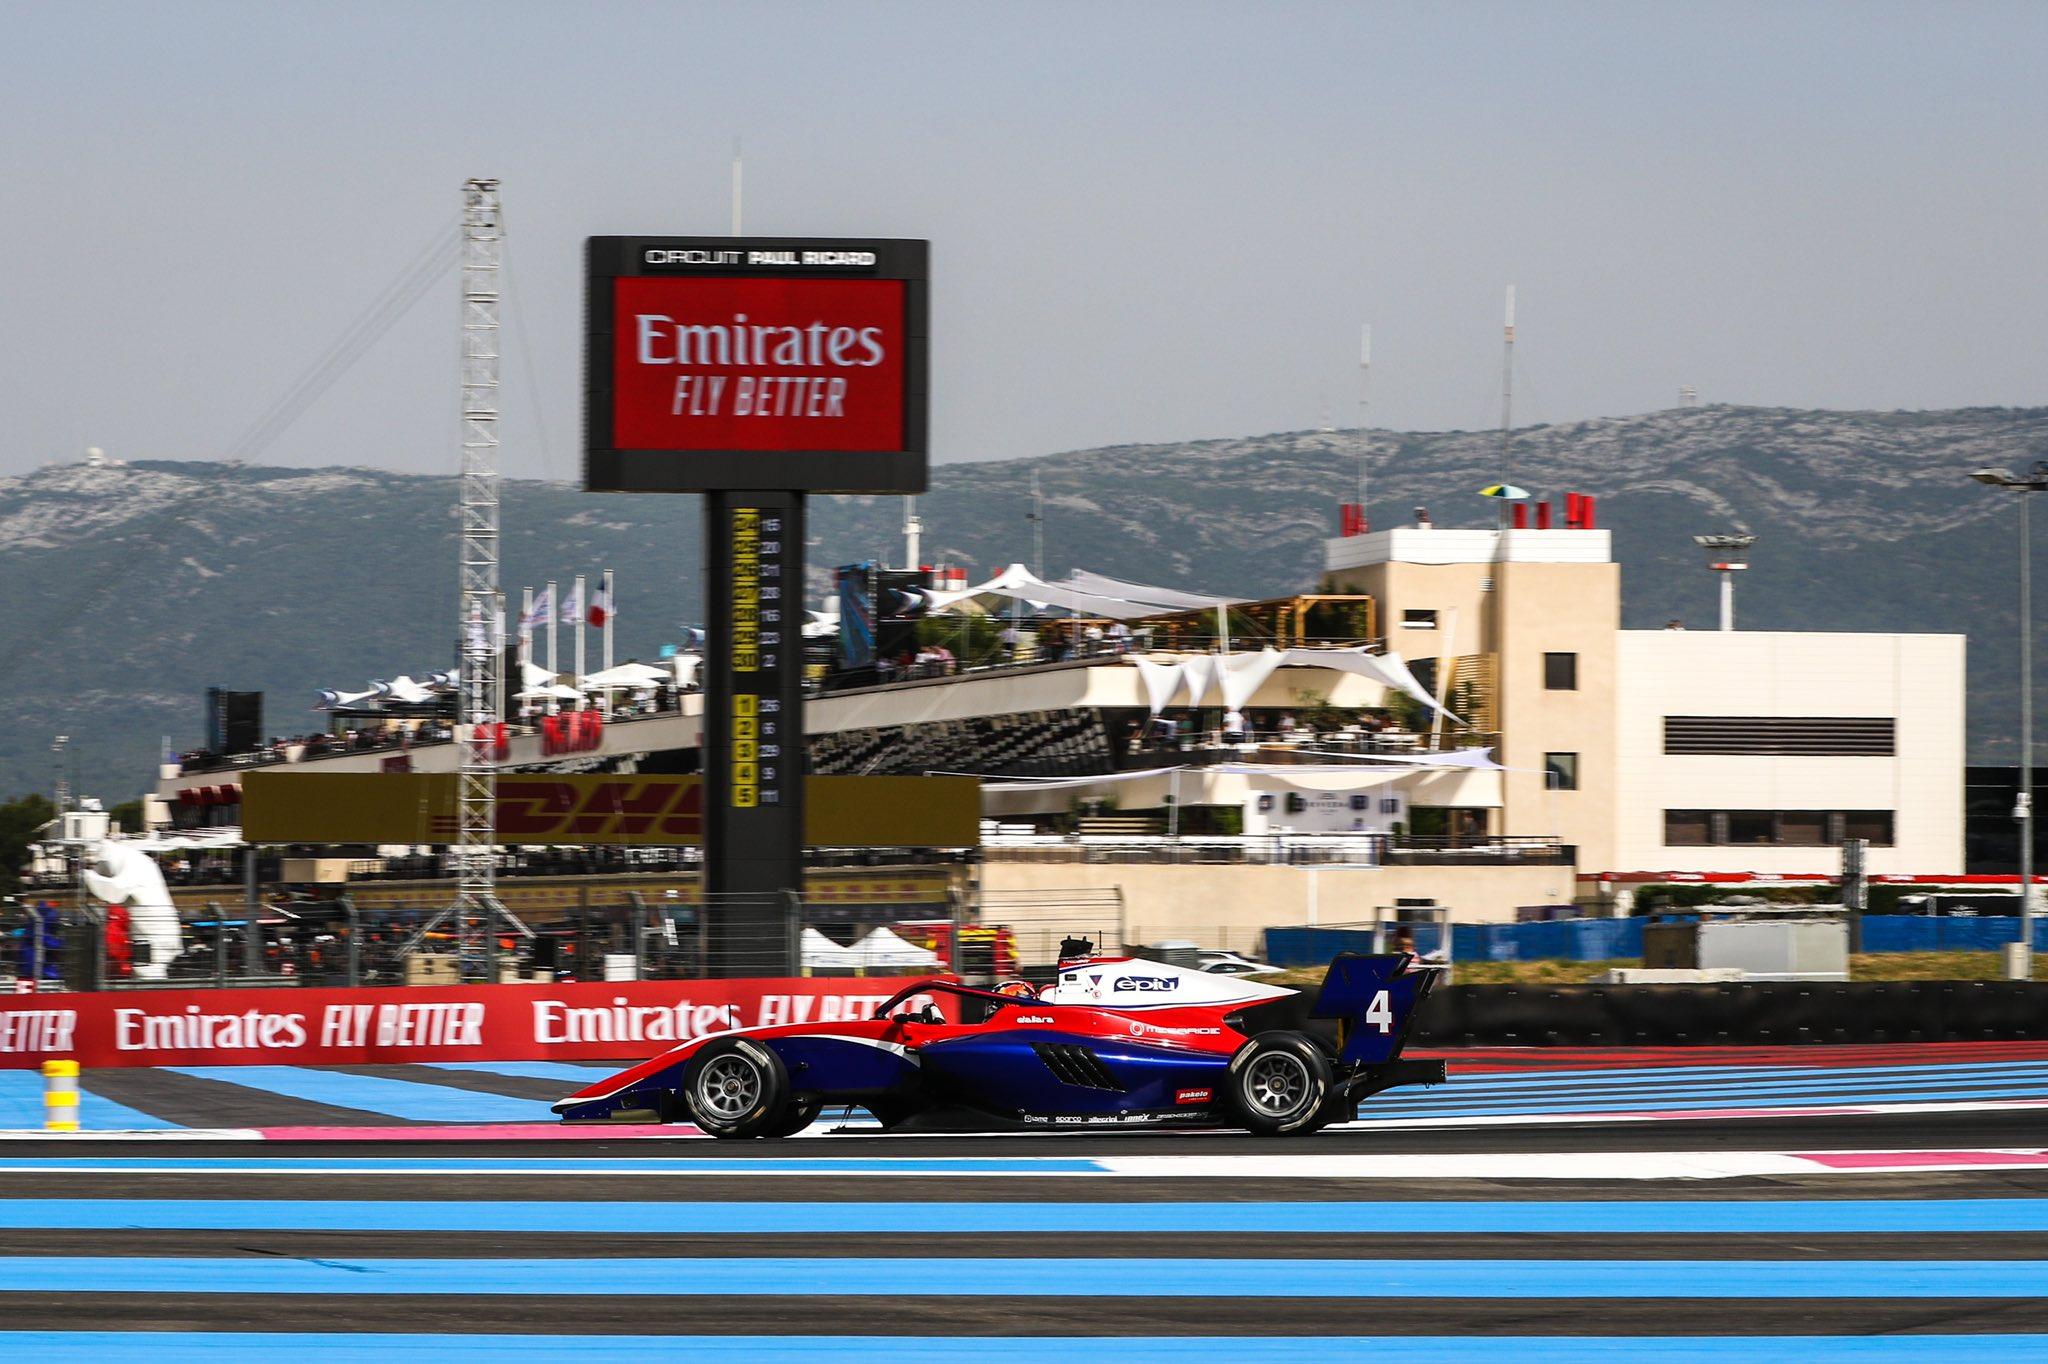 Doohan vainqueur en France © JackDoohan